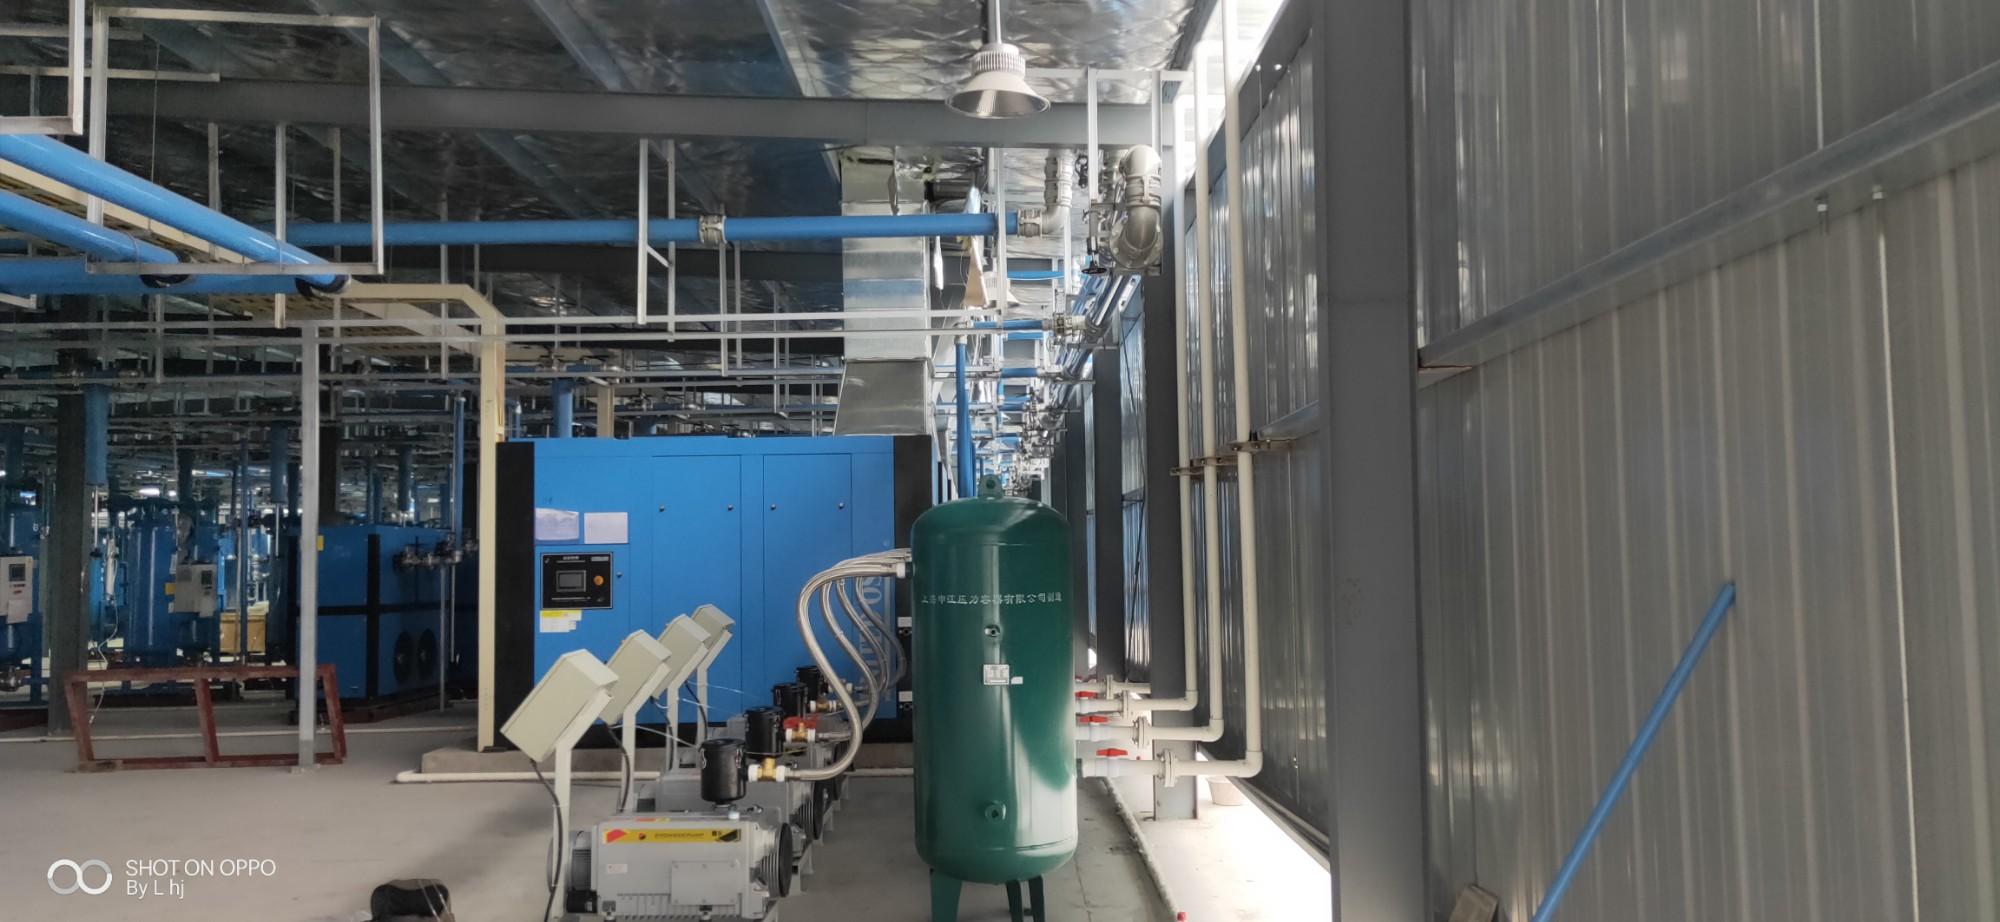 纺织行业空压机的应用对压缩空气的要求有哪些